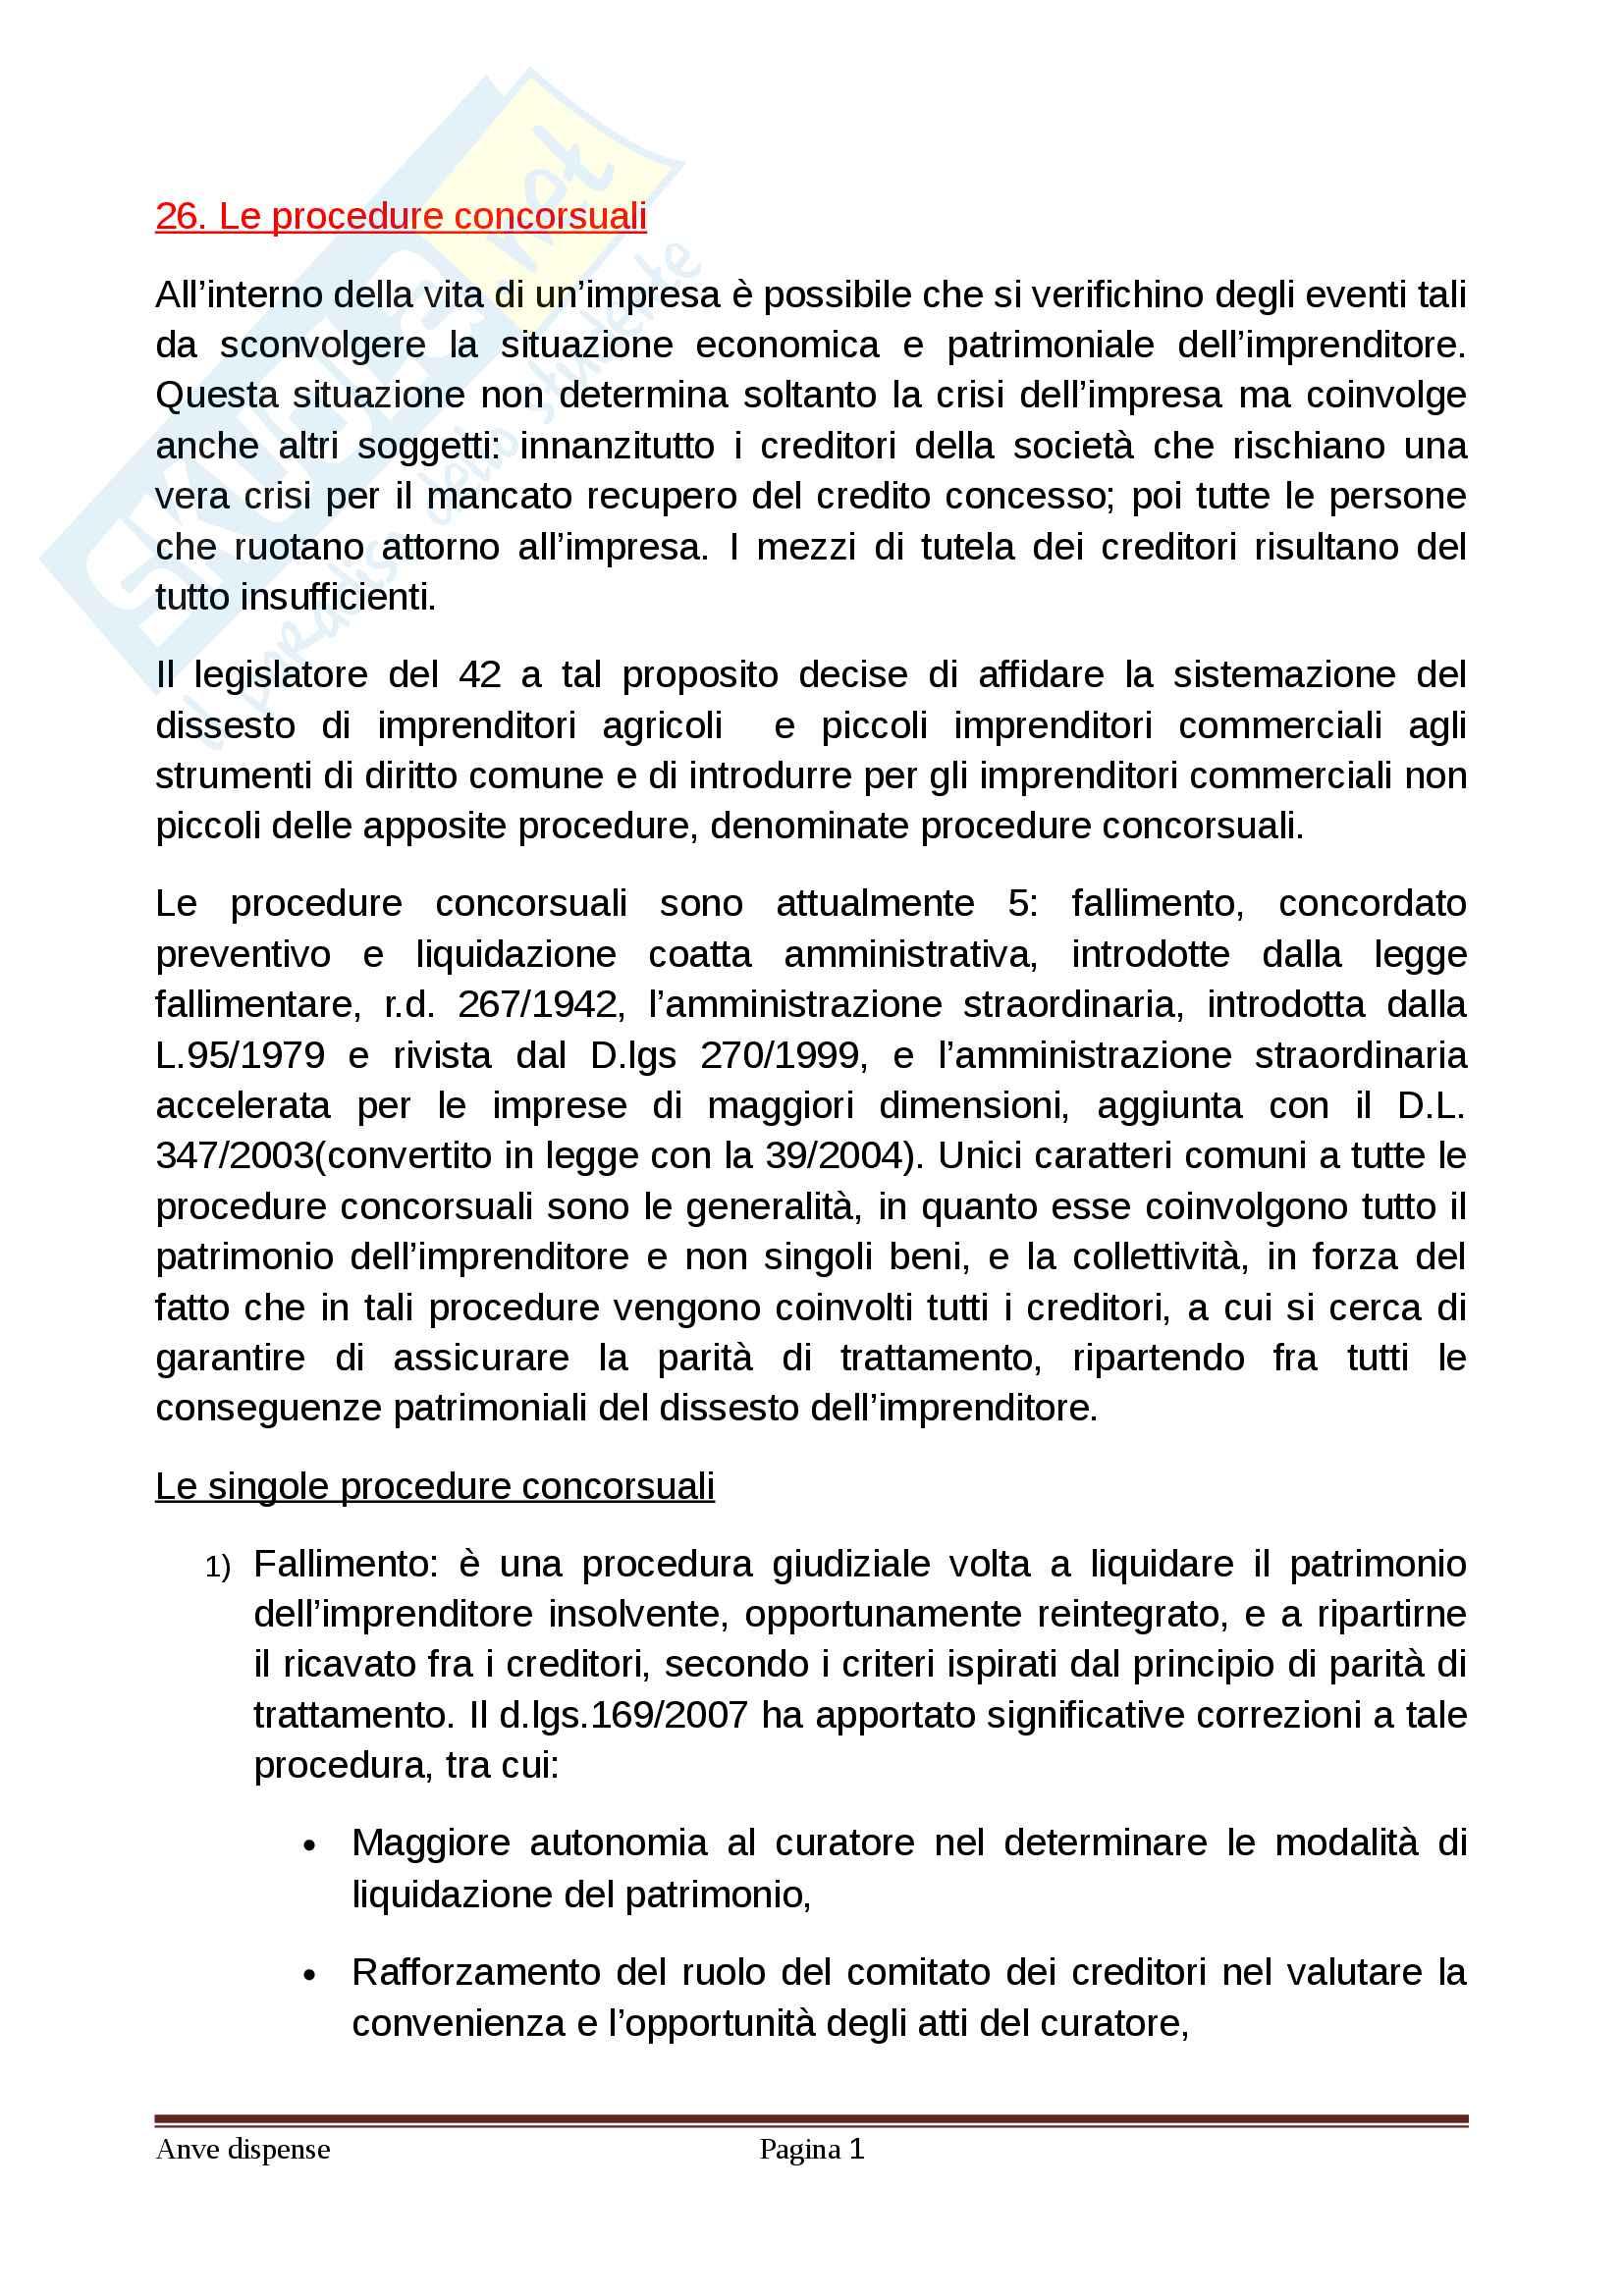 Le procedure concorsuali - diritto commerciale